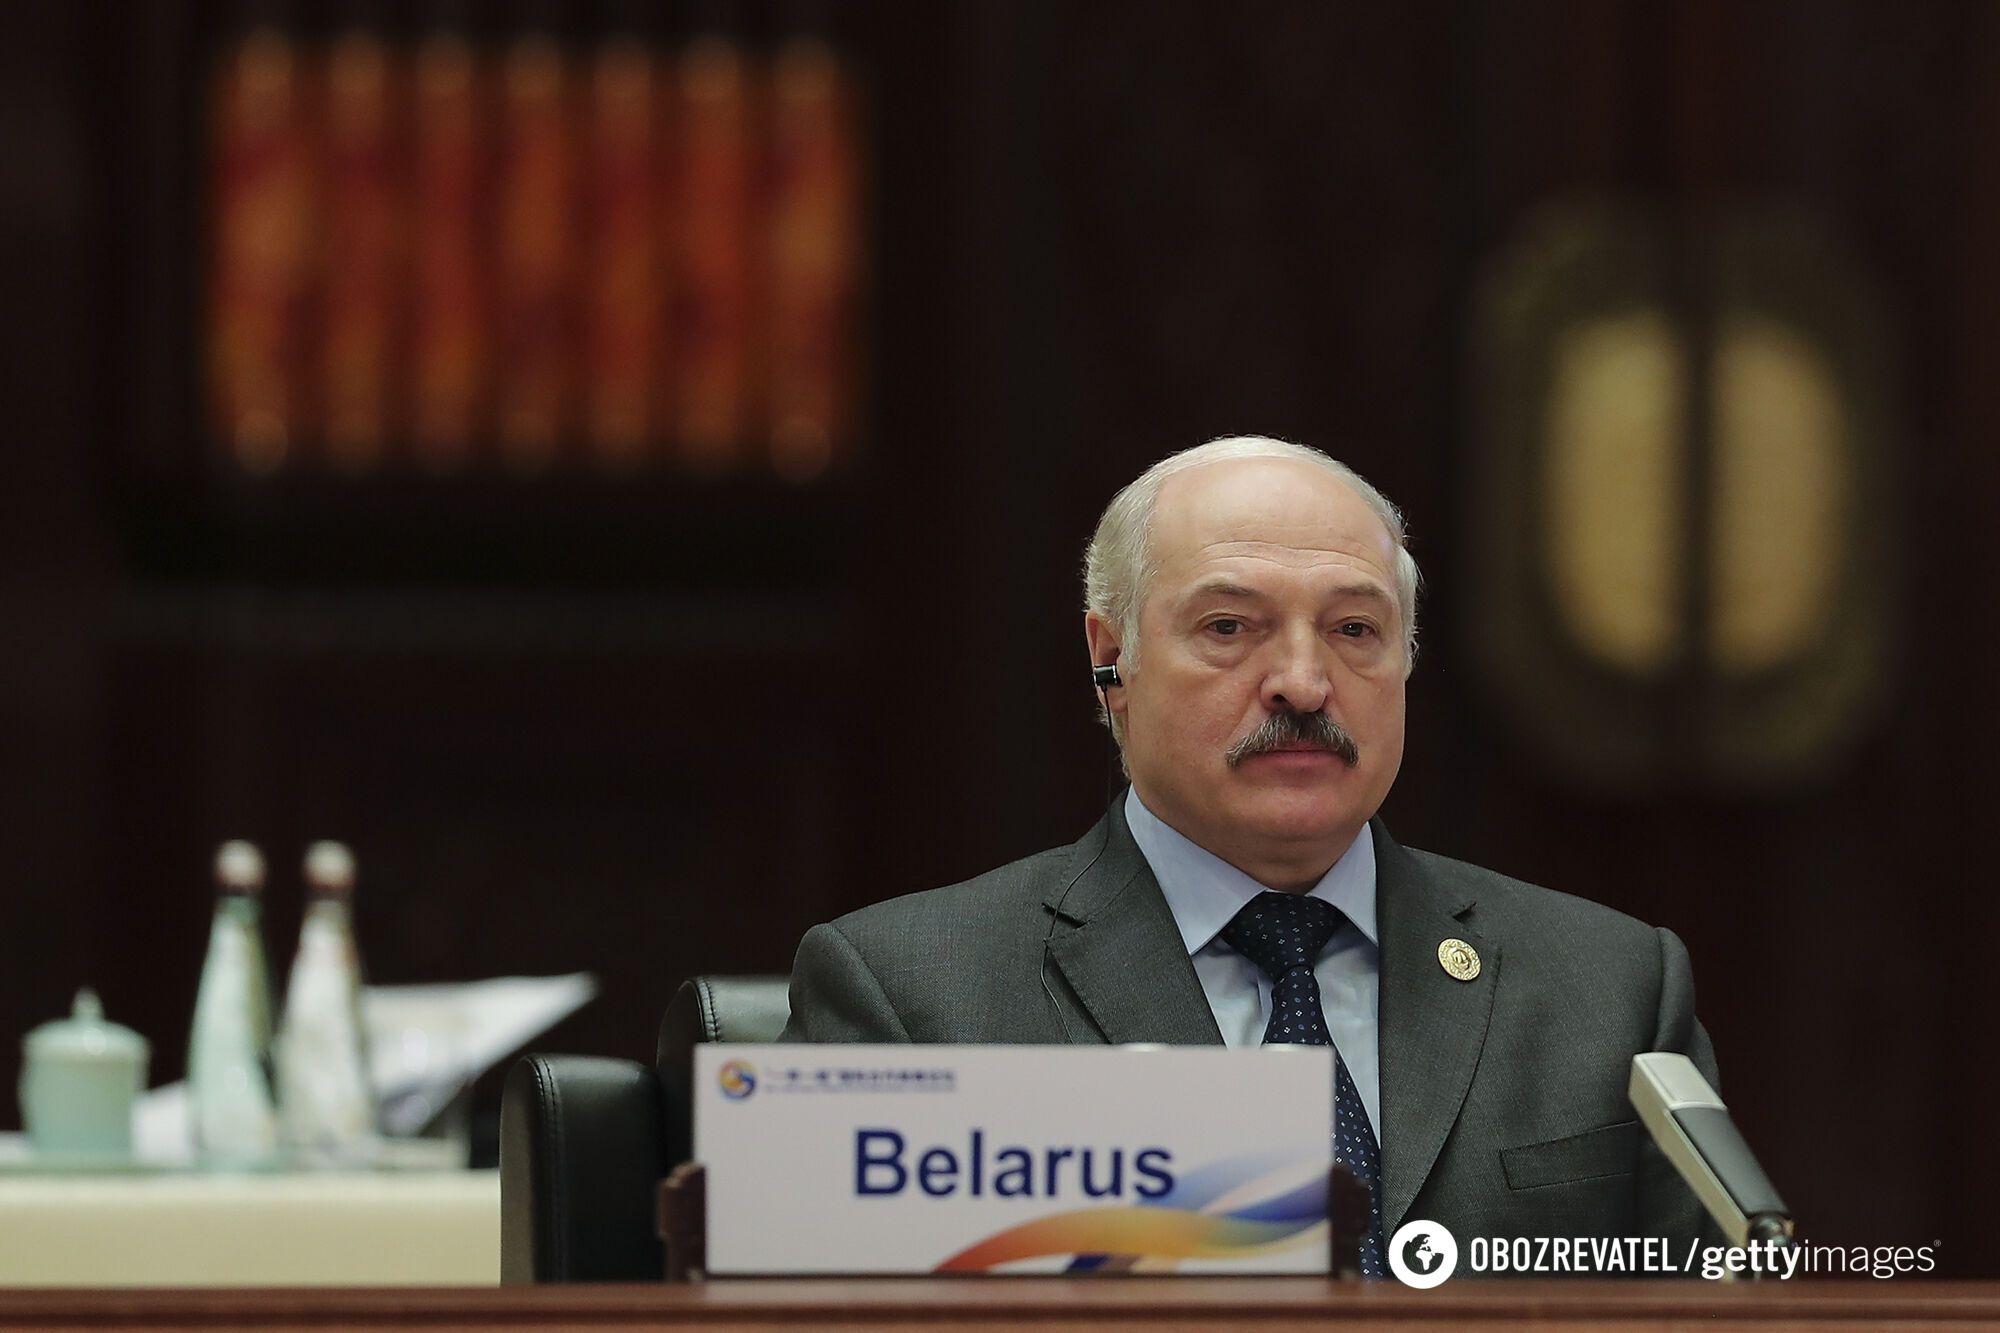 Лукашенко не пойдет на уступки и будет дрейфовать в сторону РФ, убежден Василенко.